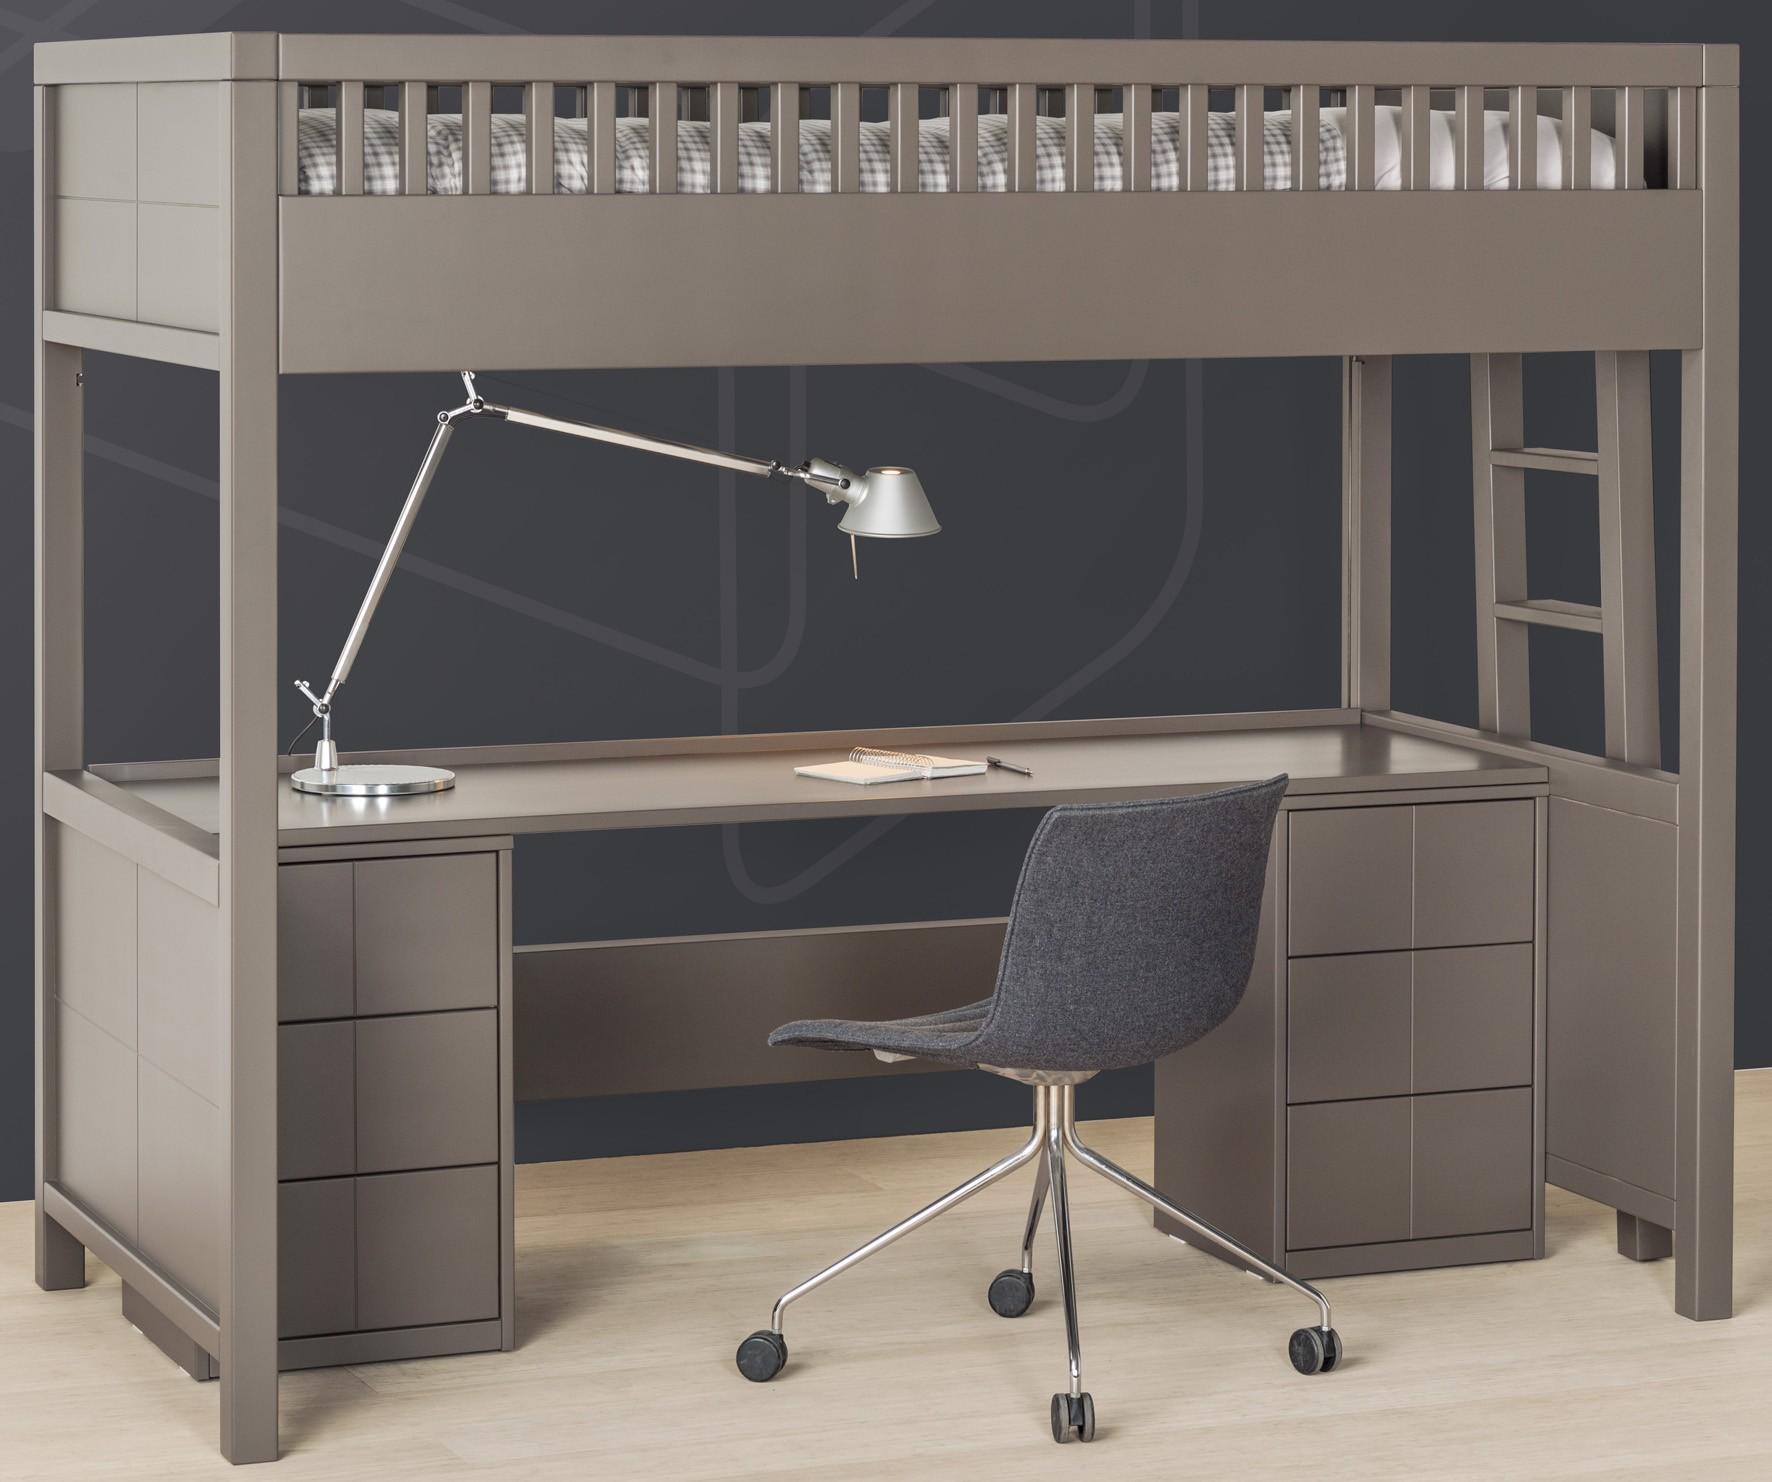 Caisson de support pour mezzanine quarr - Lit mezzanine avec bureau integre ...